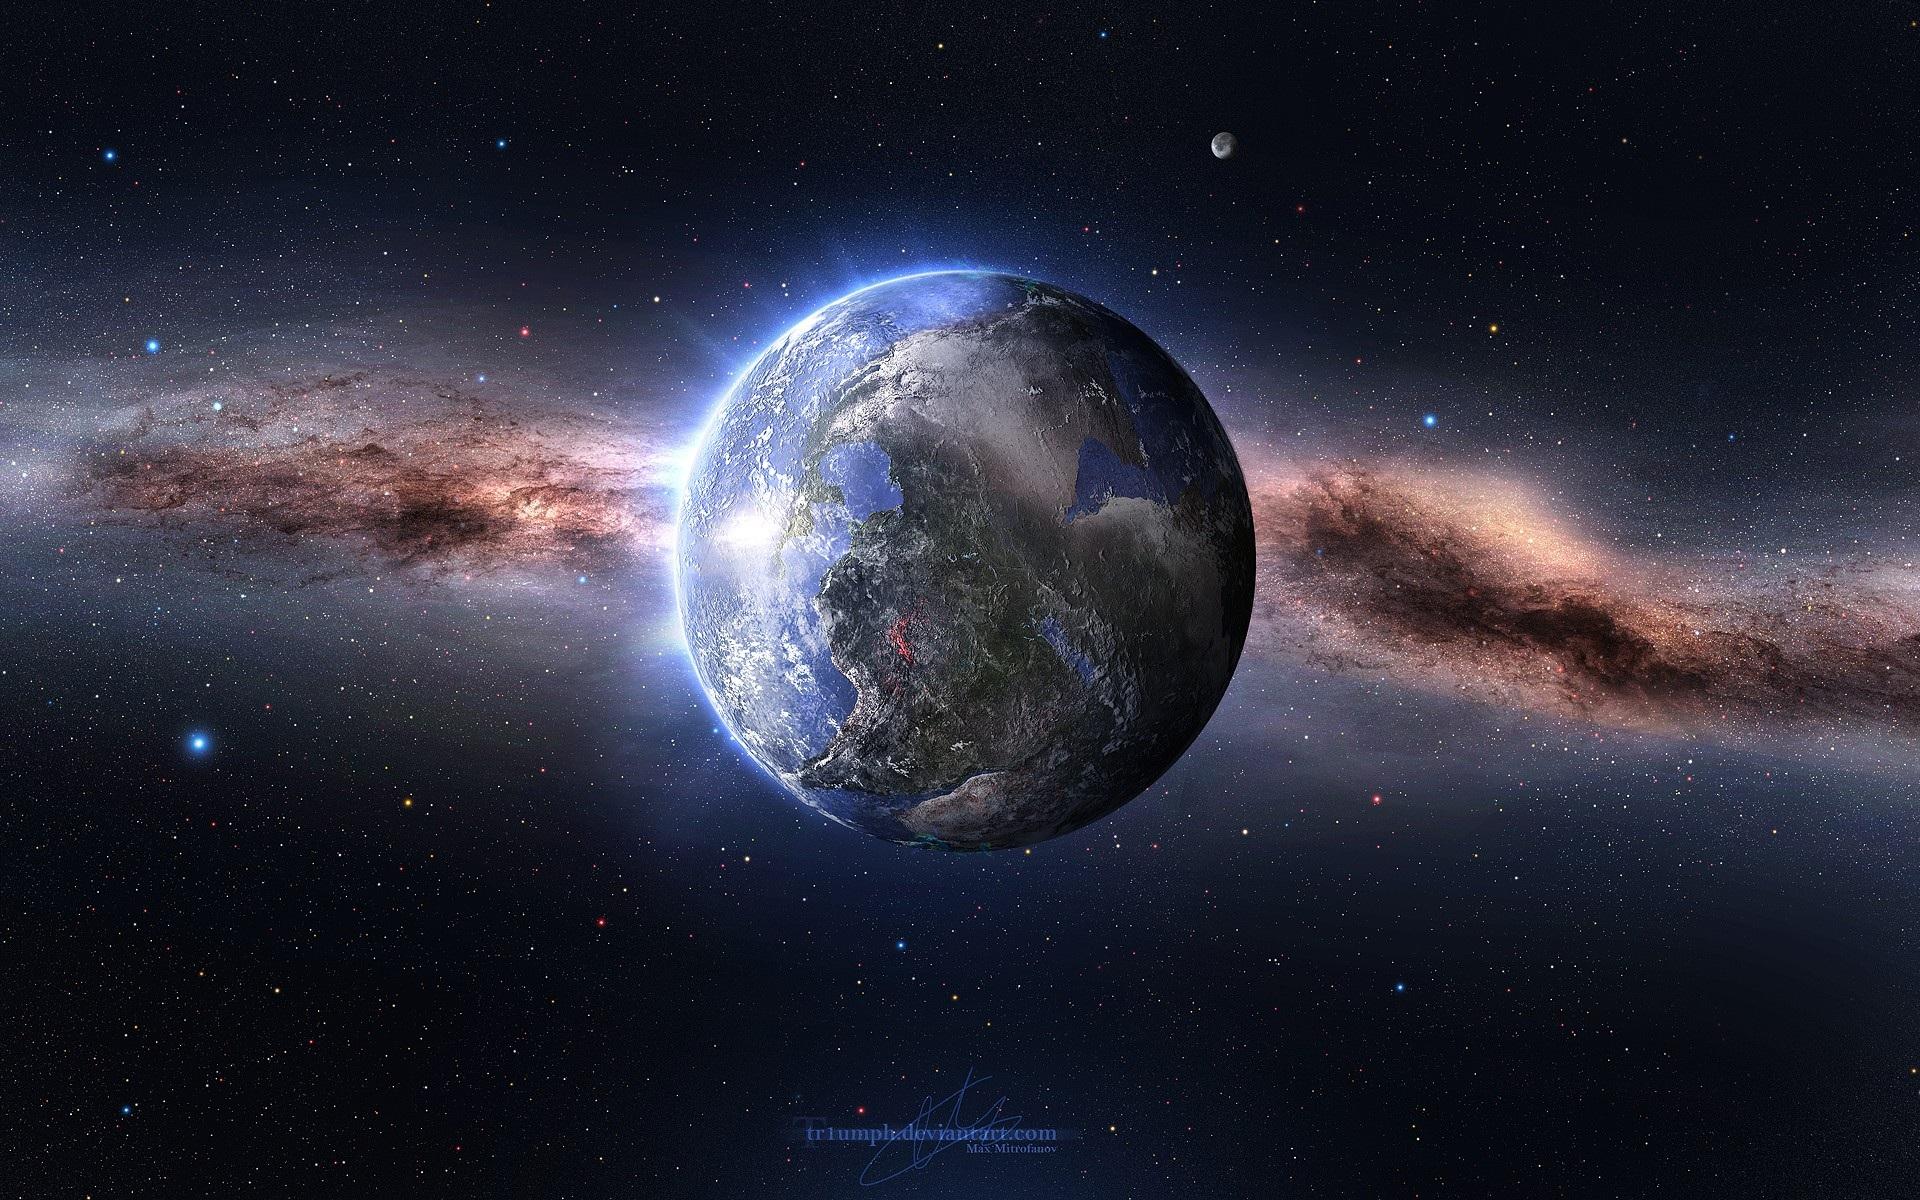 億年前地球 壁紙 - 1920x1200    1920x1200 壁紙ダウンロード